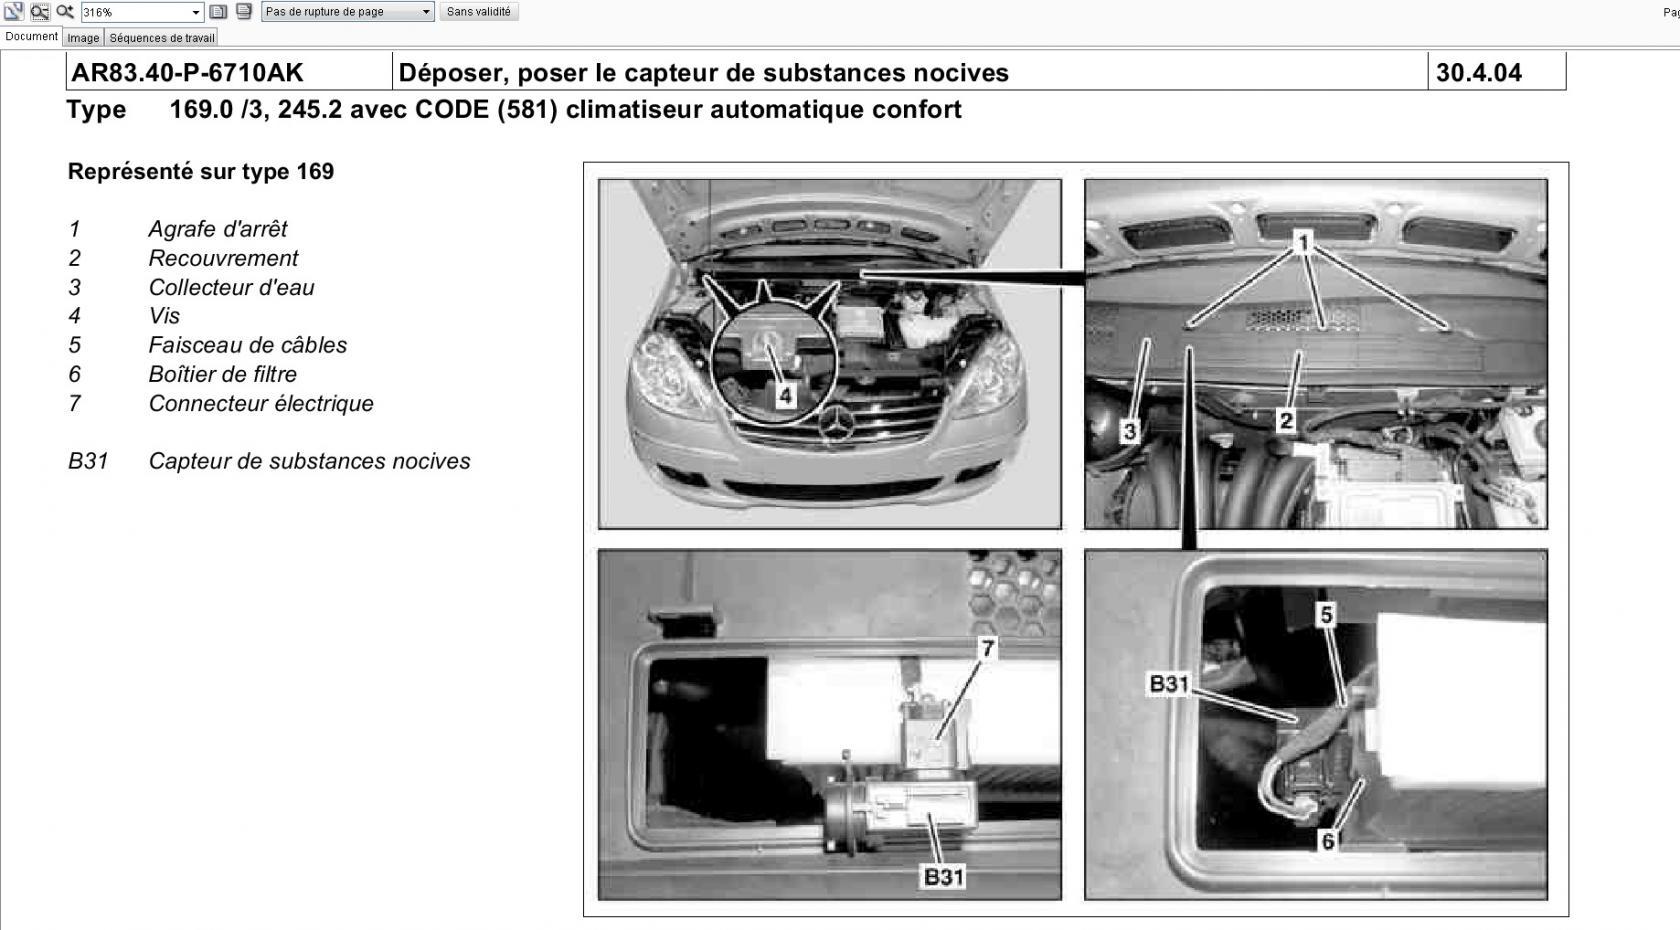 capteur-B31-2-.jpeg